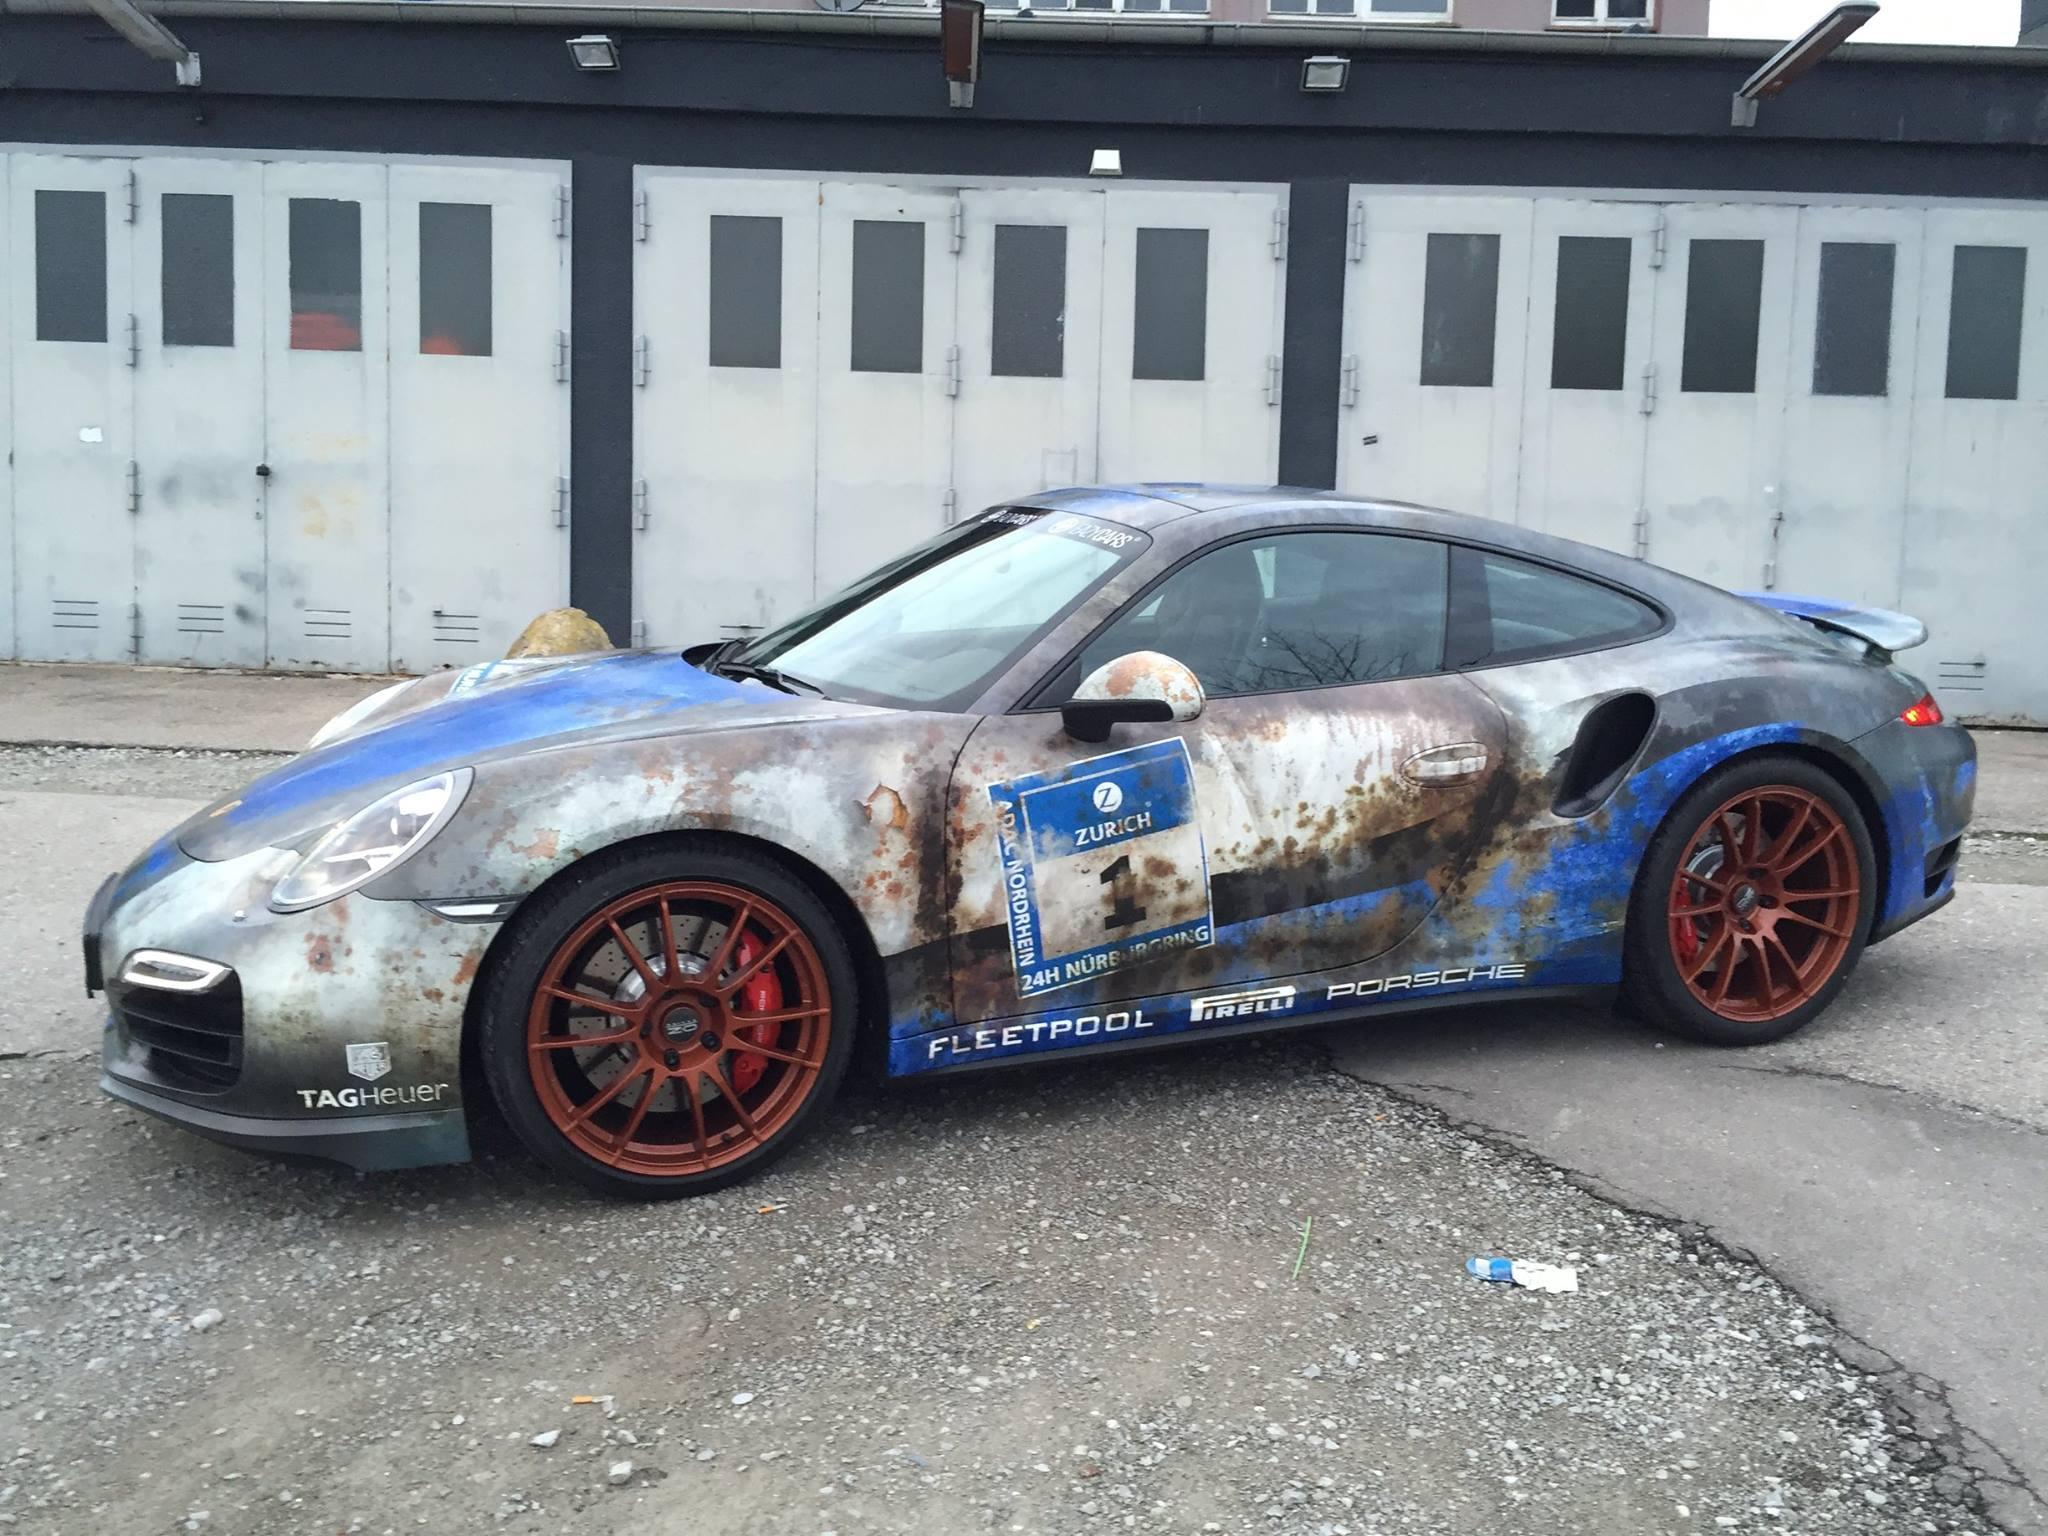 Porsche 911 Turbo With Rusty Wrap